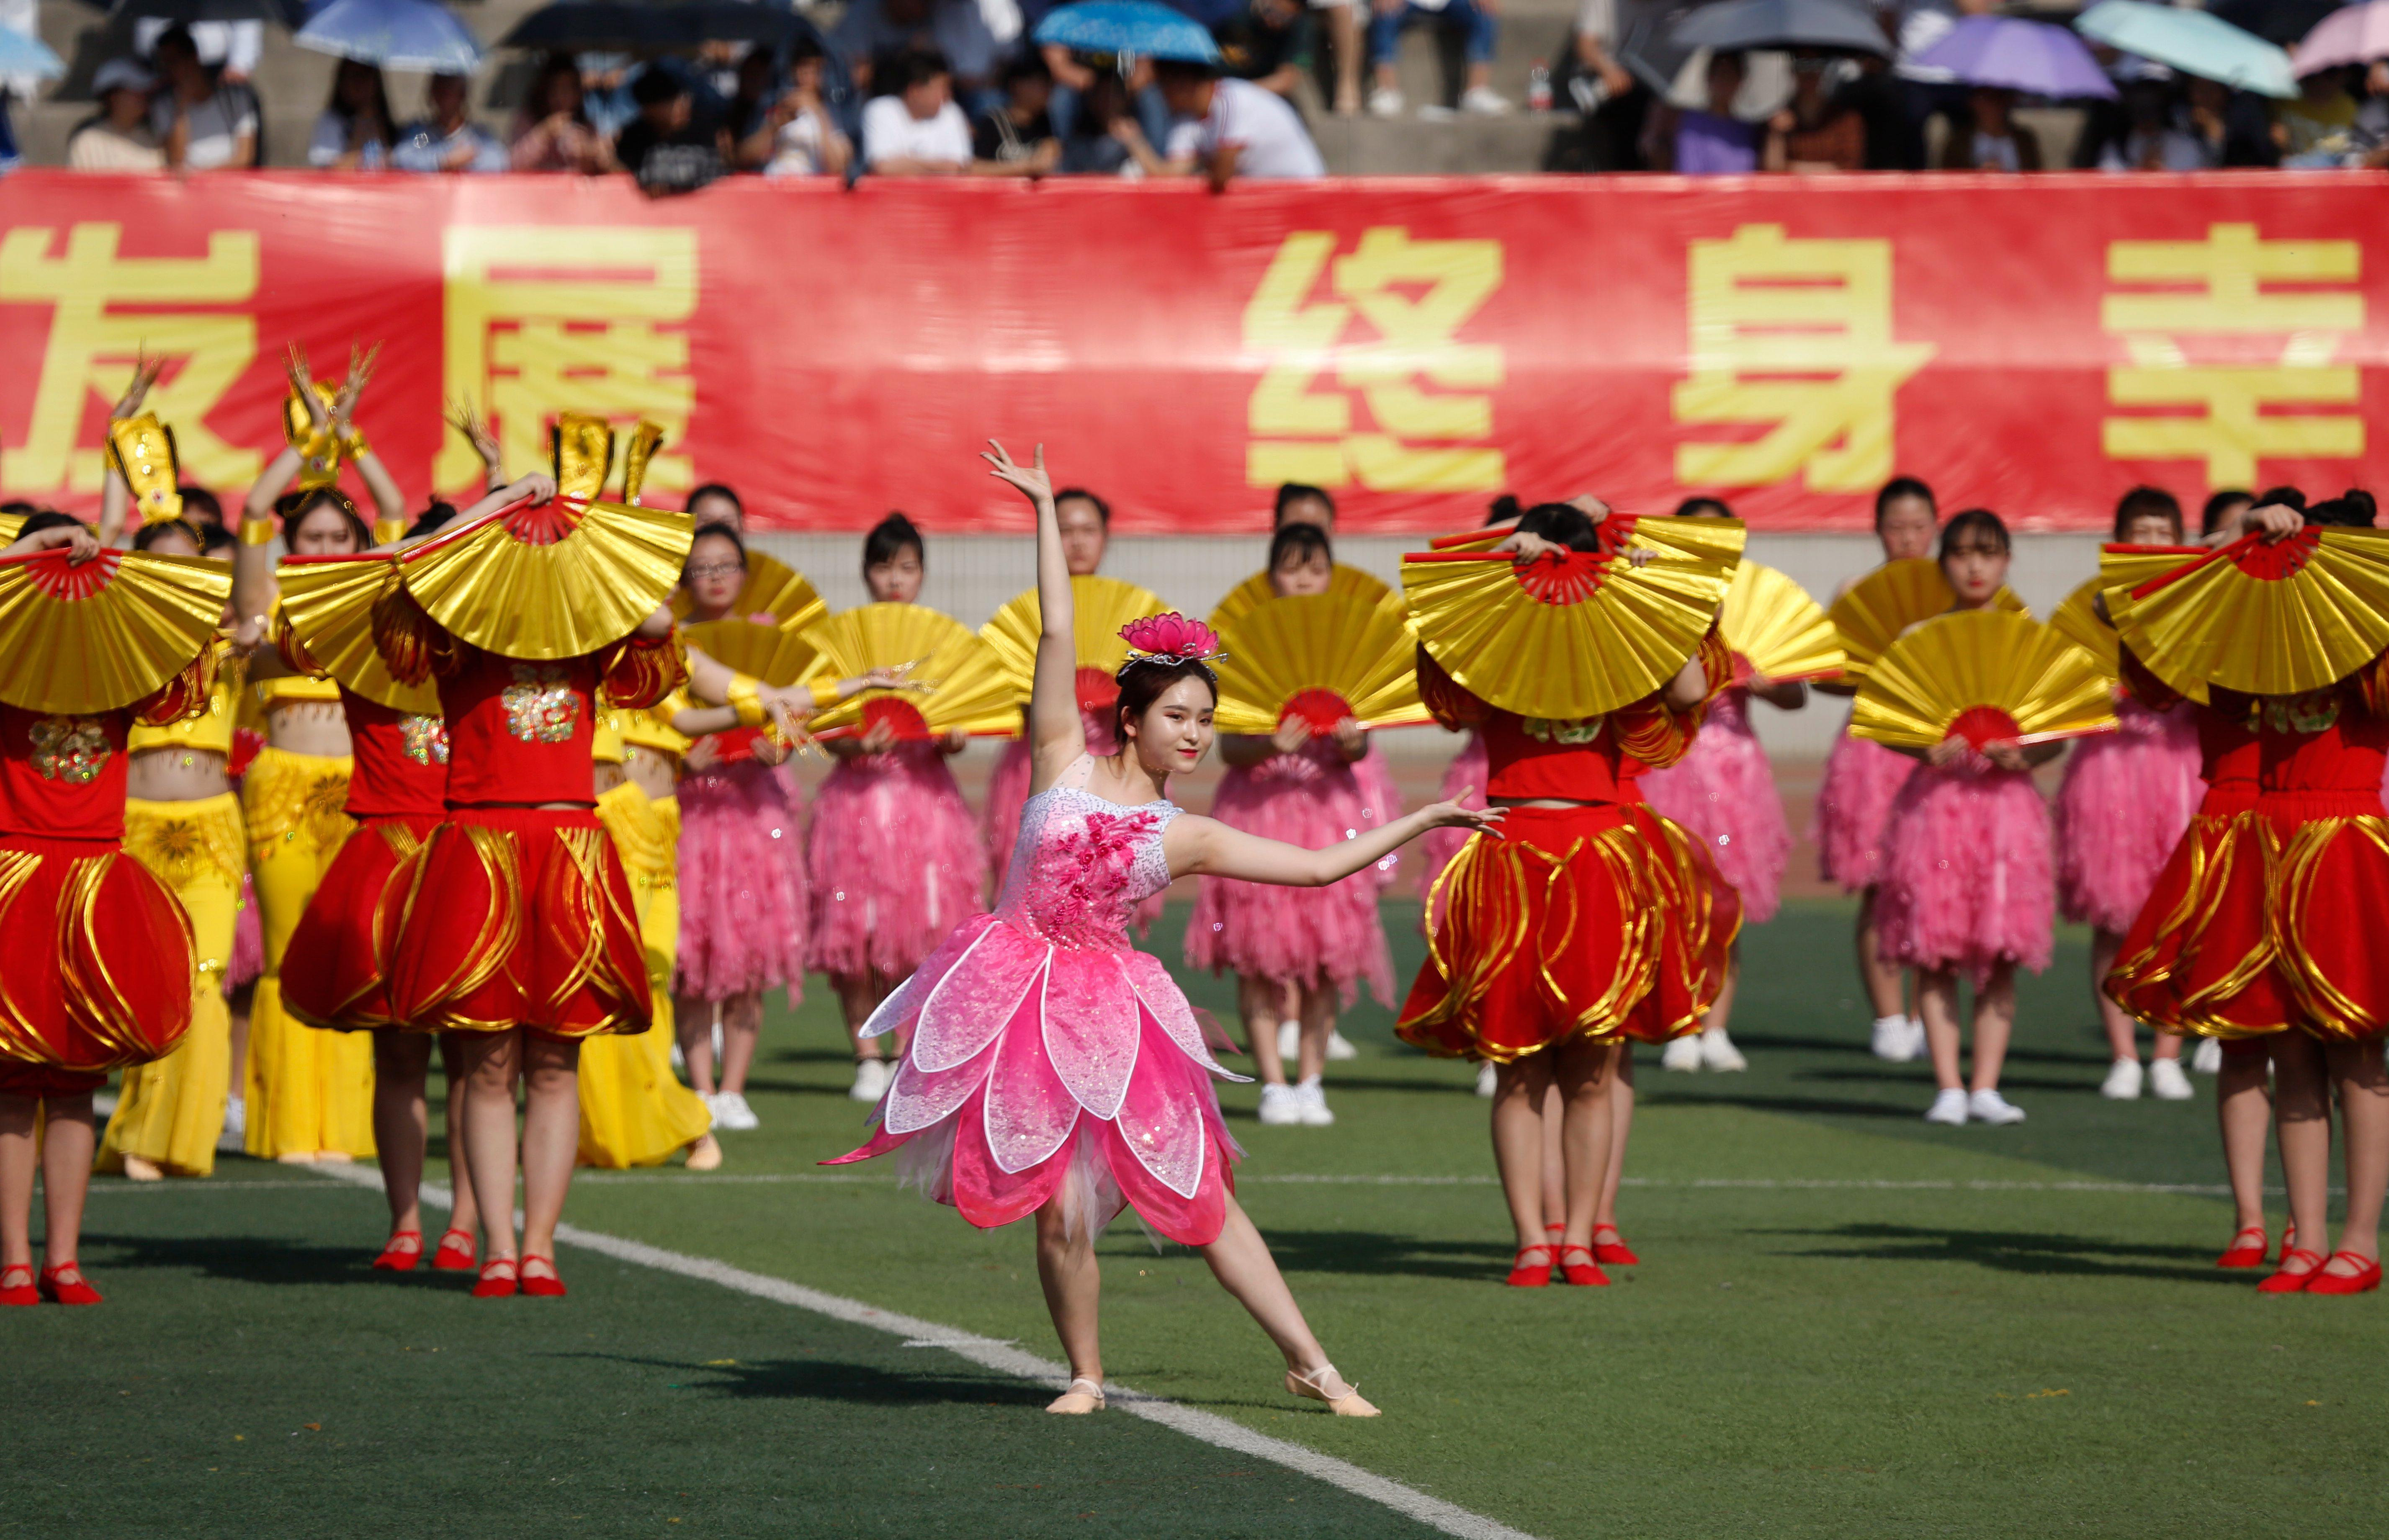 渭南师范学院举办2018校园体育文化节